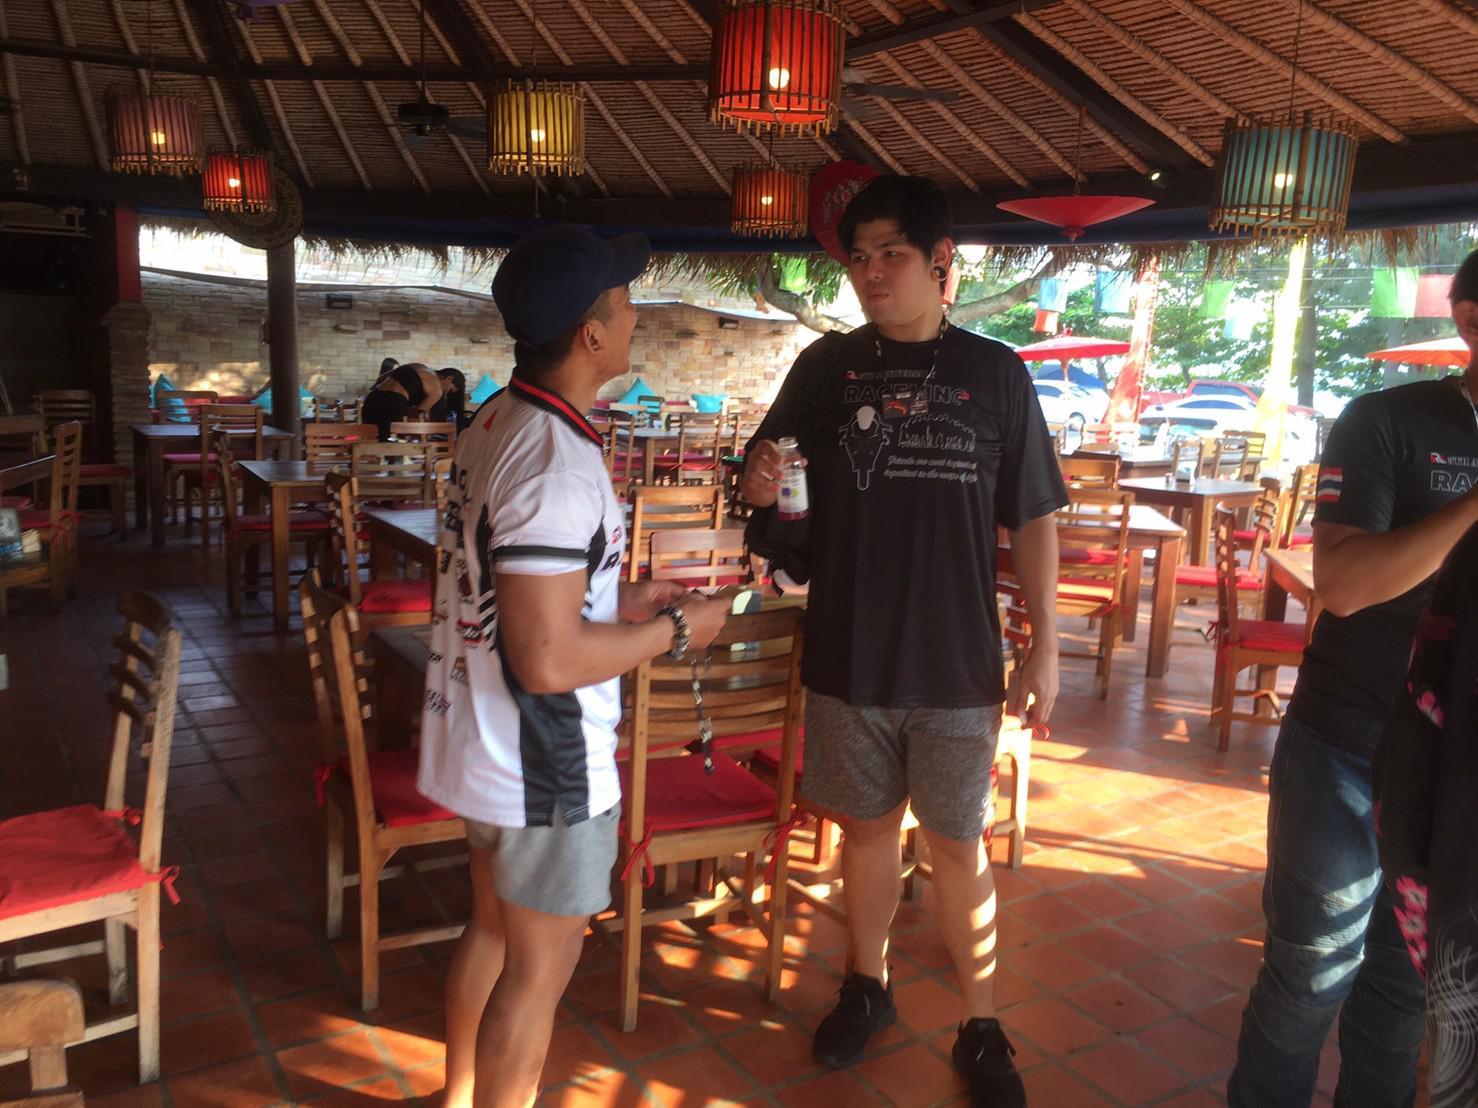 ชินเซนห่วงใยคนไทย เดินหน้าแจกเครื่องดื่มน้ำส้มคั้นสดจากใจใครๆก็ดื่มได้ จำนวน 2,000 ขวด